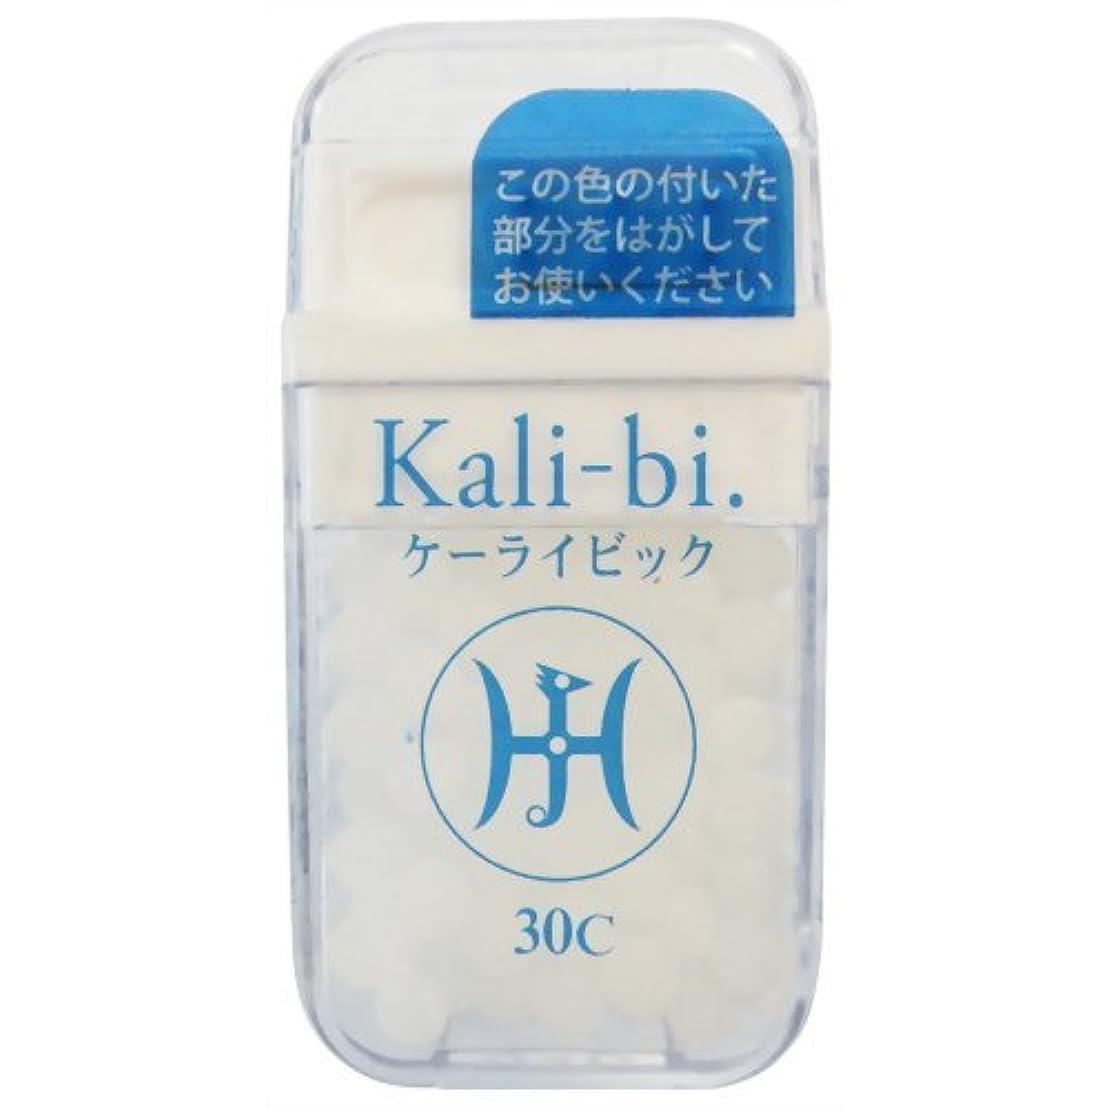 悪用しないでください口実ホメオパシージャパンレメディー Kali-bi.  ケーライビック 30C (大ビン)